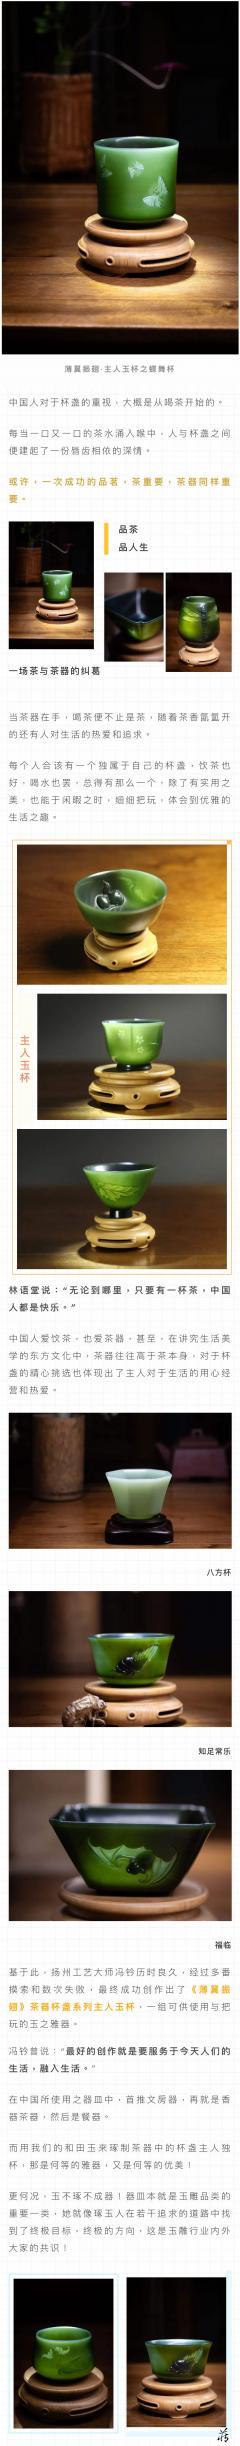 玉之雅器——薄翼振翅·主人玉杯